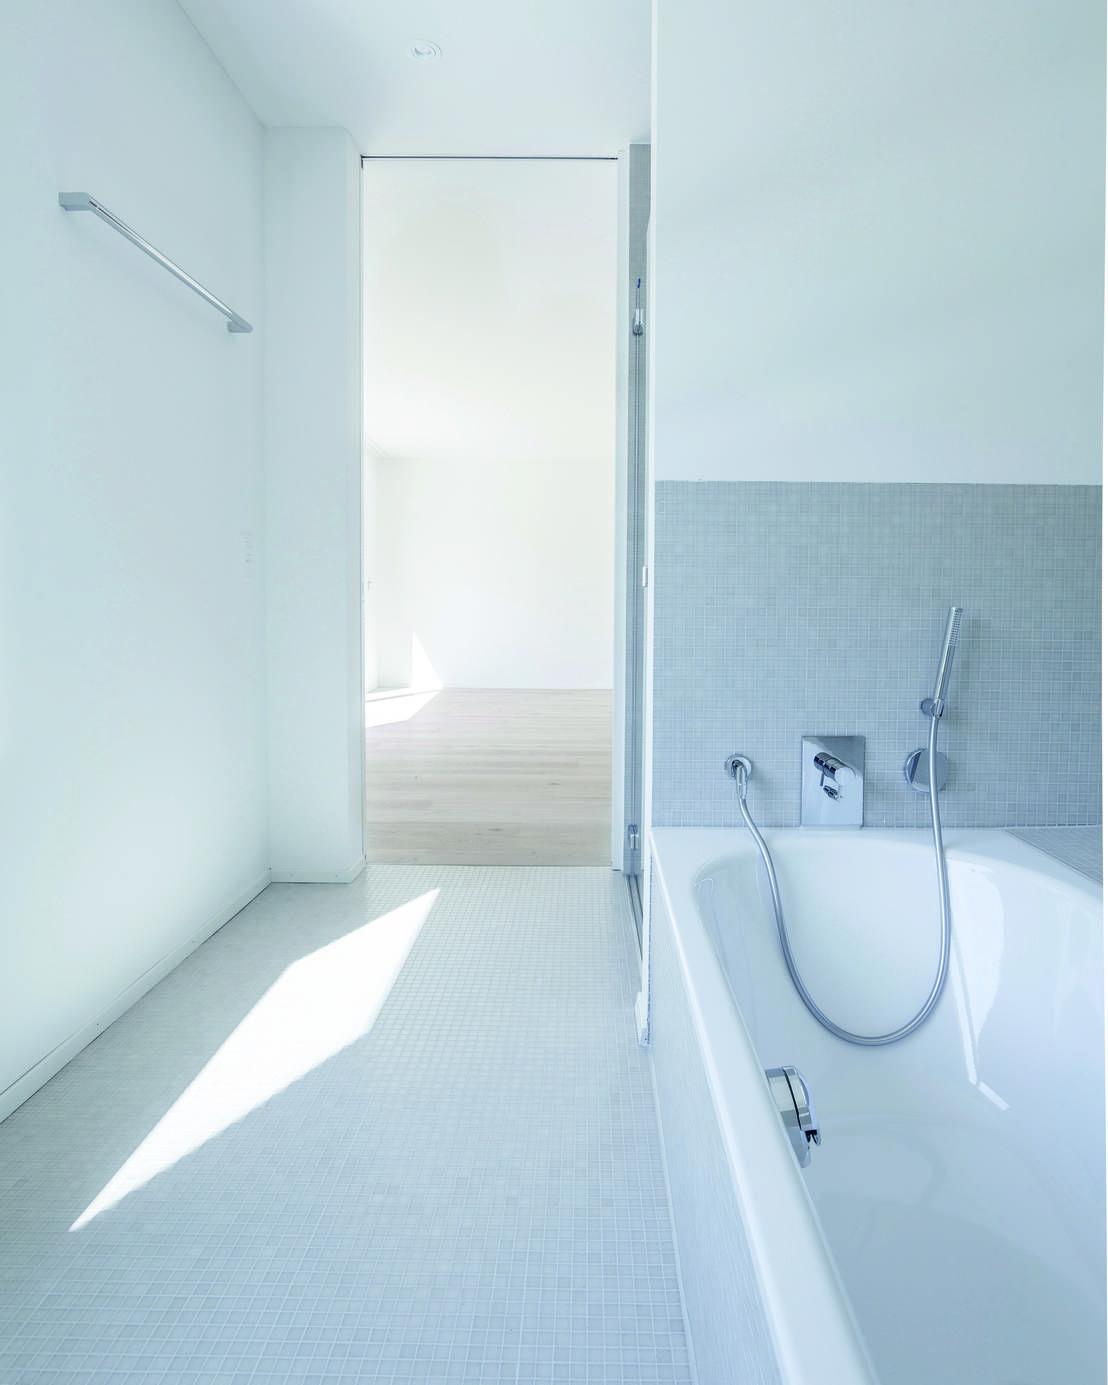 Das Badezimmer Der Mietwohnung Verschönern: Einfache Tipps, Um Das Bad Einer Mietwohnung Zu